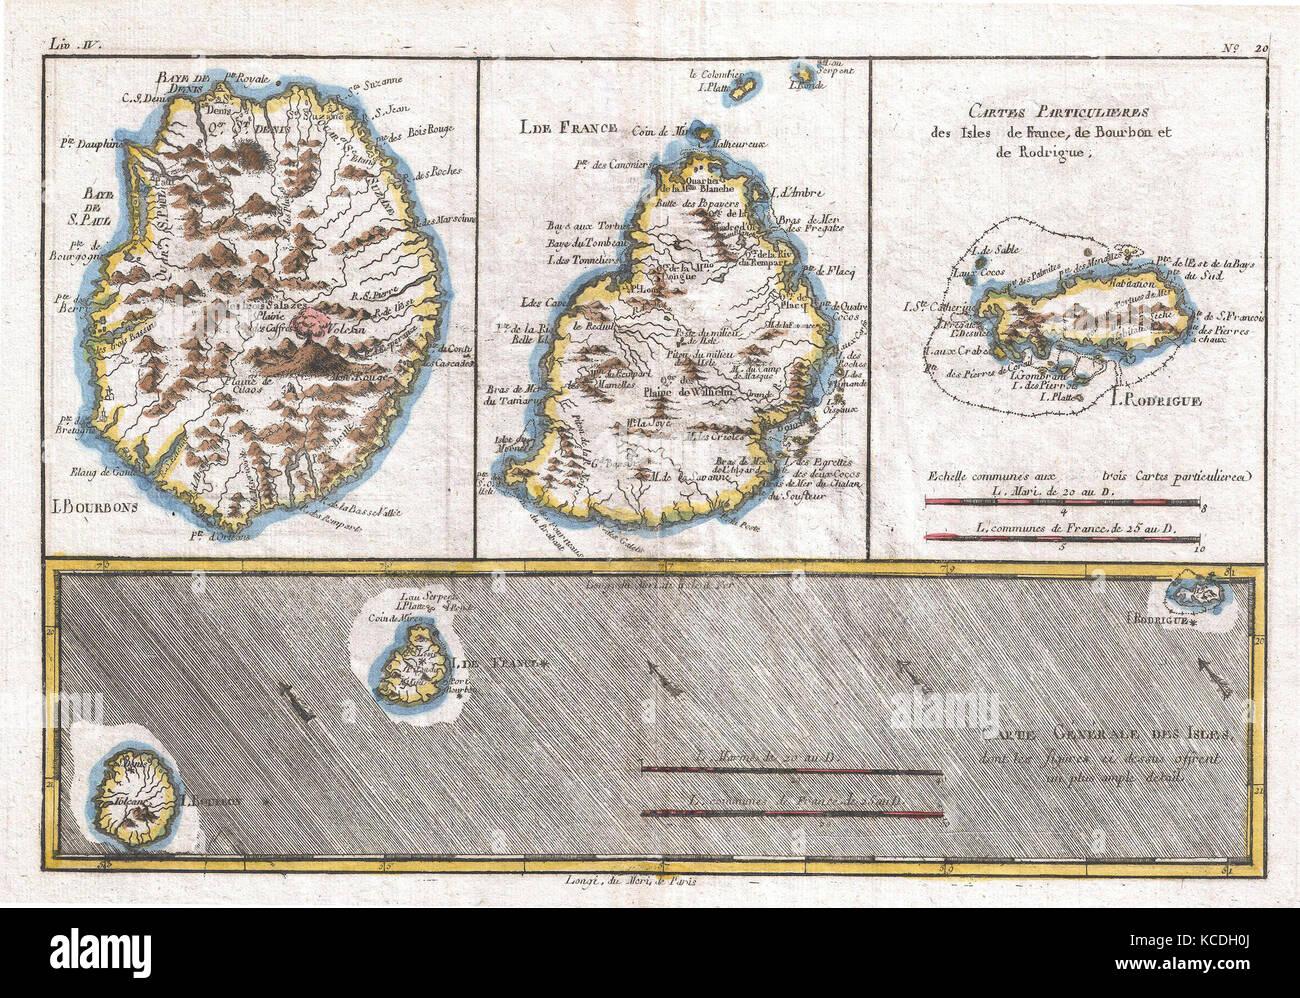 Carte Reunion Maurice.1780 Raynal Et Bonne Carte Des Mascareignes La Reunion